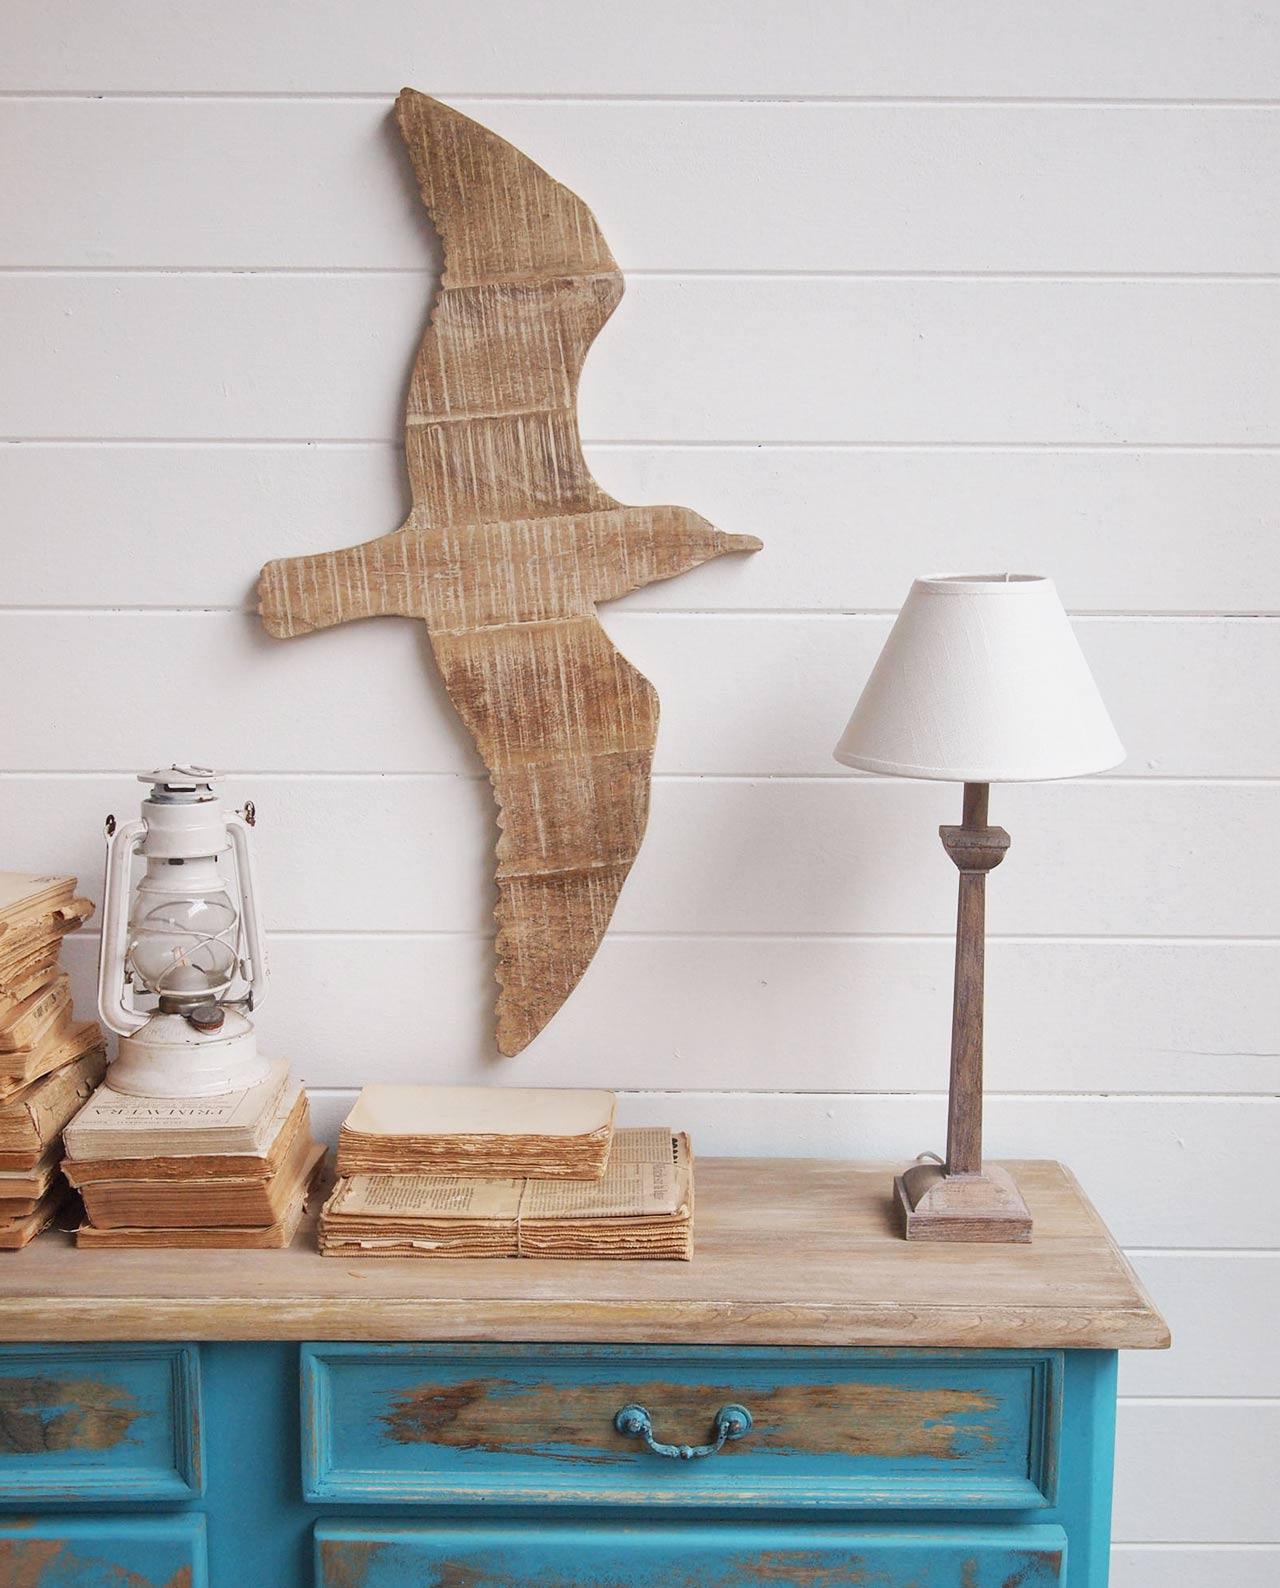 Decorazione da parete pannelli in legno con gabbiano - Decorazioni in legno per pareti ...